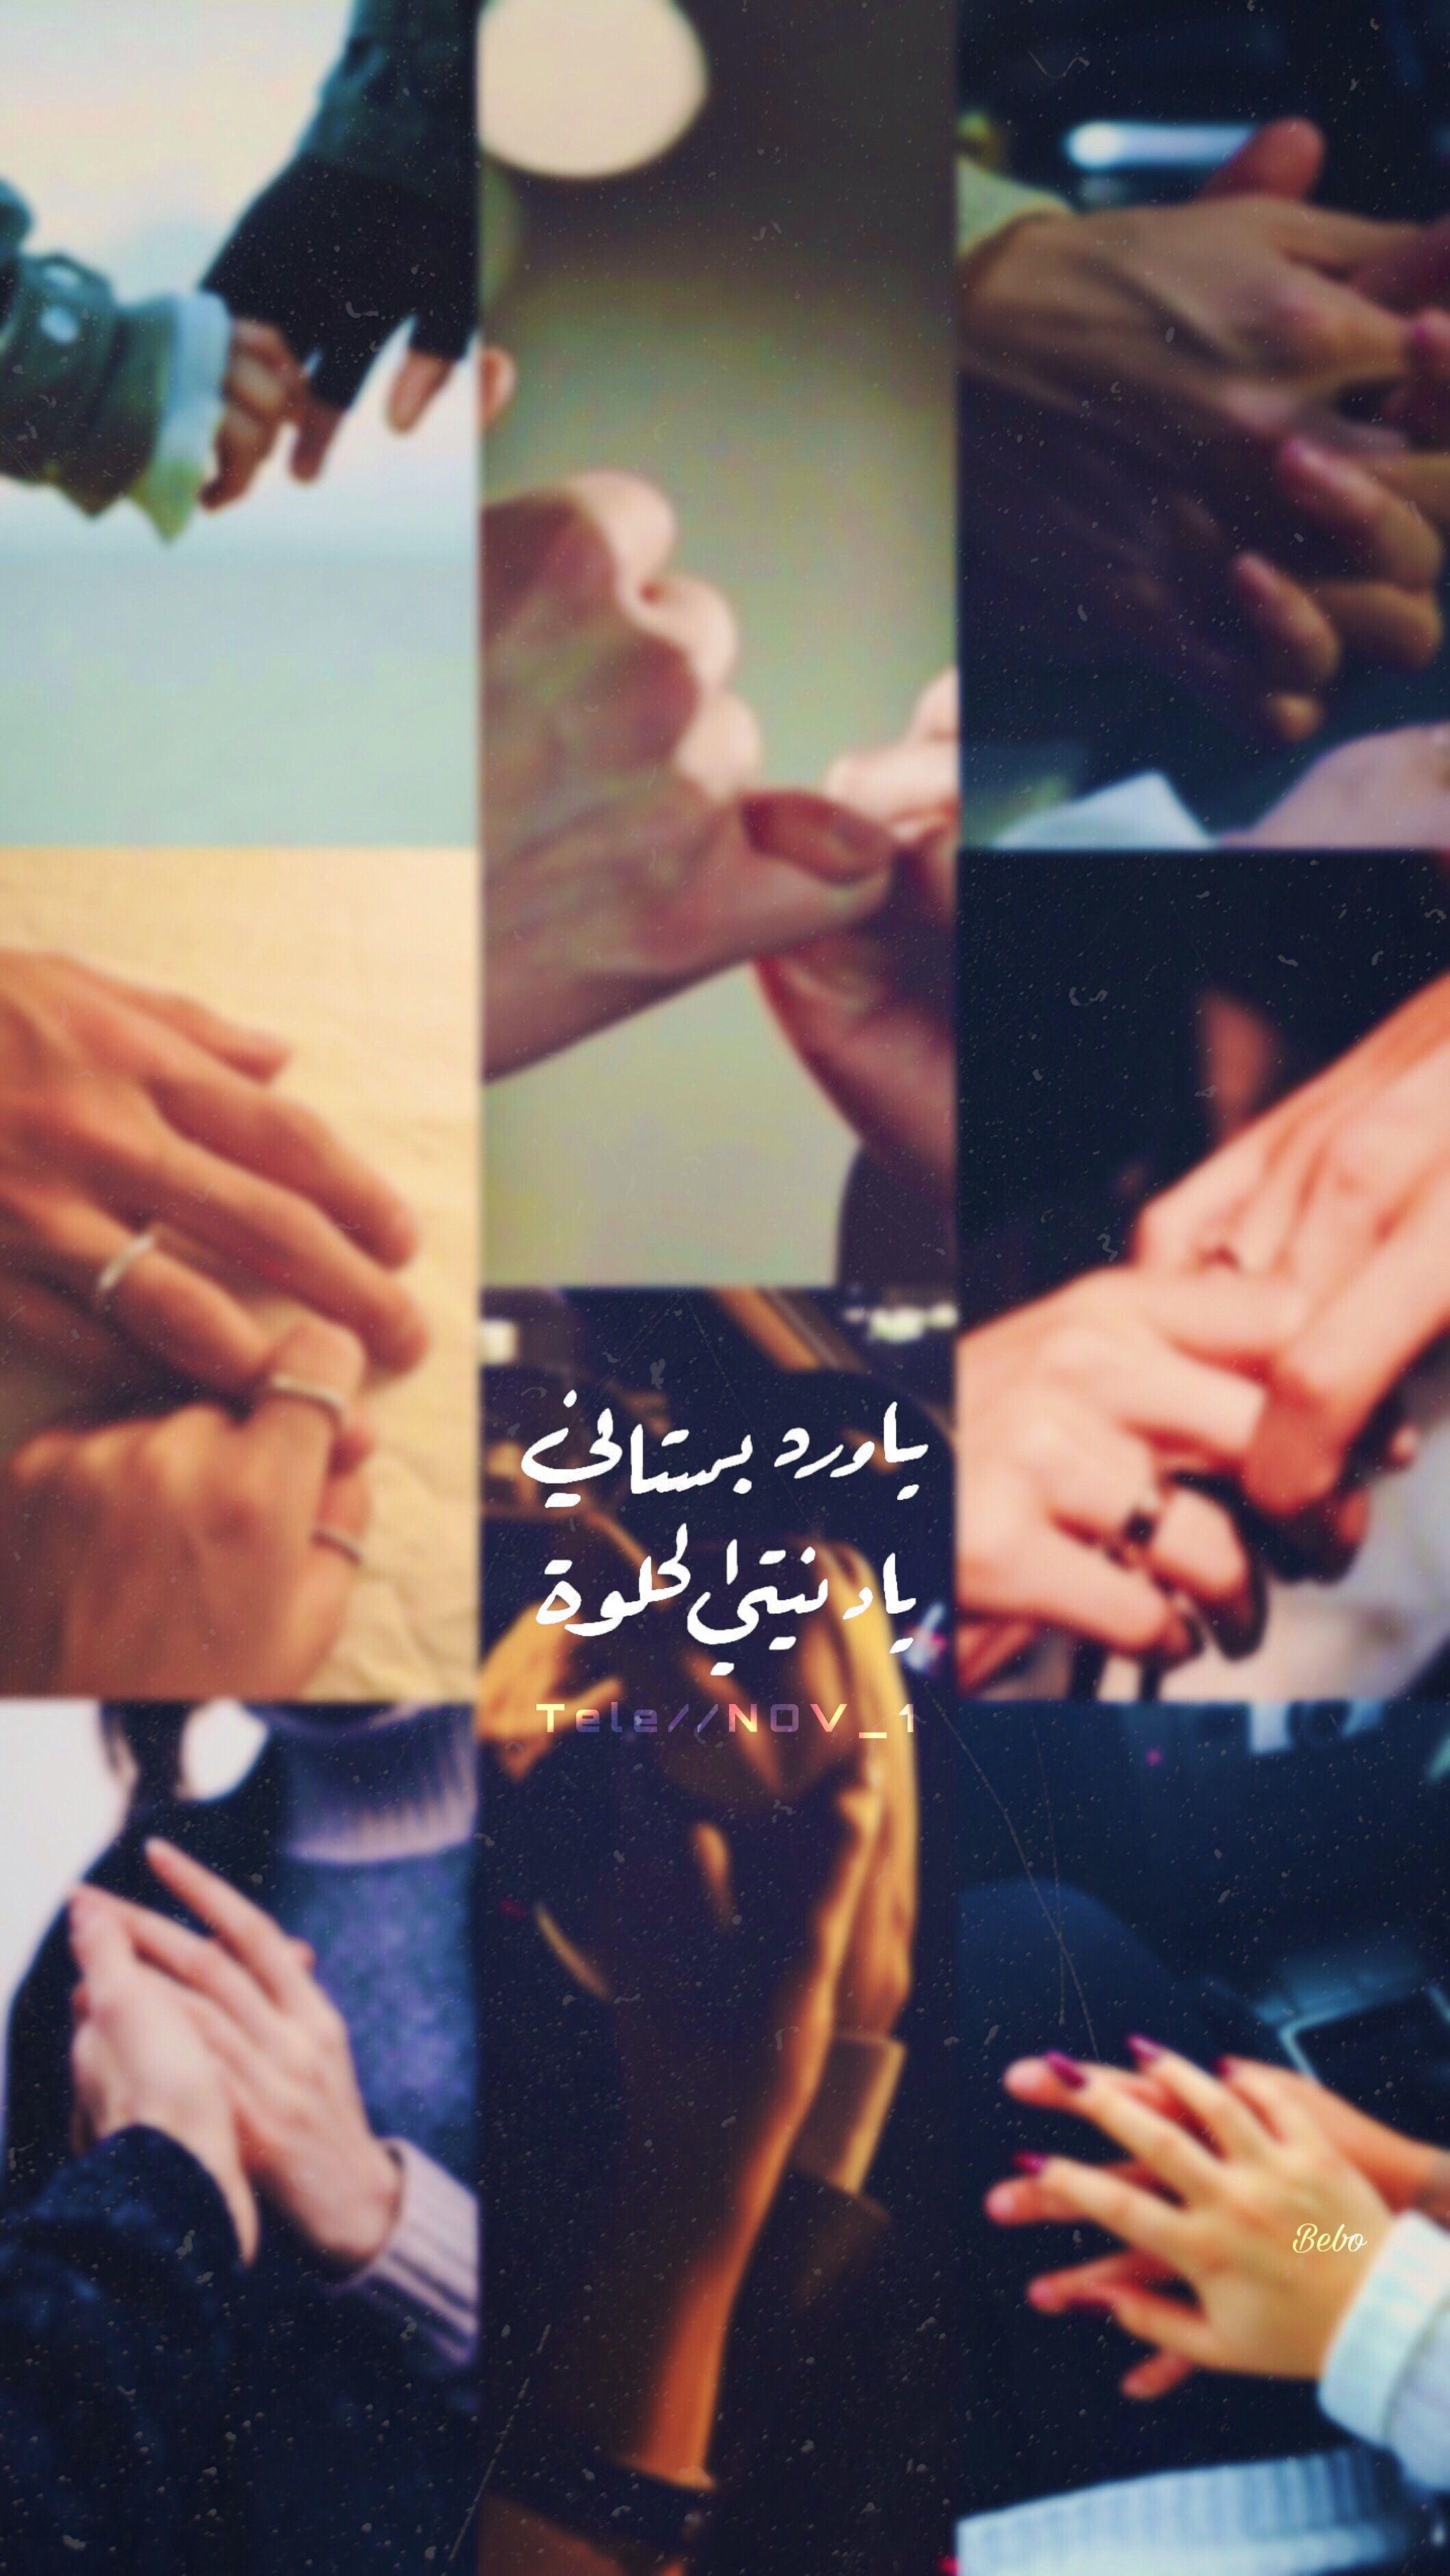 ستوريات حب تفاصيل ستوريات ستوريات انستا انستا ستوري حب اقتباسات ادب عربي Love Quotes Wallpaper Cute Love Quotes Sweet Love Quotes